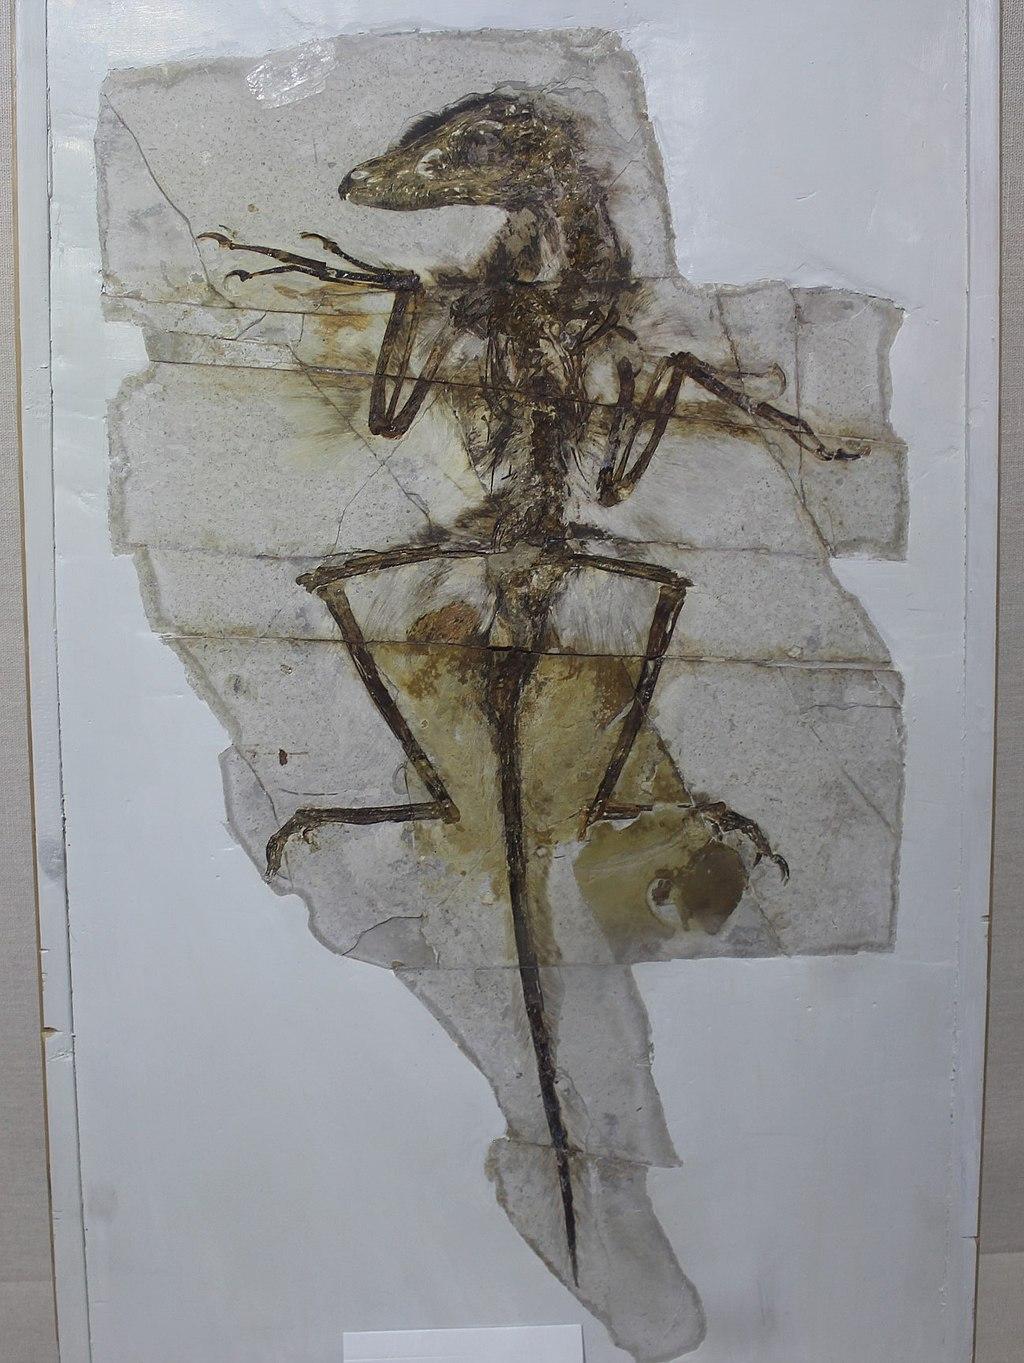 """""""Dave"""" (NGMC 91) z Geologického muzea v Číně, nádherně dochovaná fosilie malého dromeosauridního teropoda druhu Sinornithosaurus milenii. Někteří paleontologové se dříve domnívali, že tento opeřený dravec mohl být vybaven jedovými žlázami a svoji koř"""